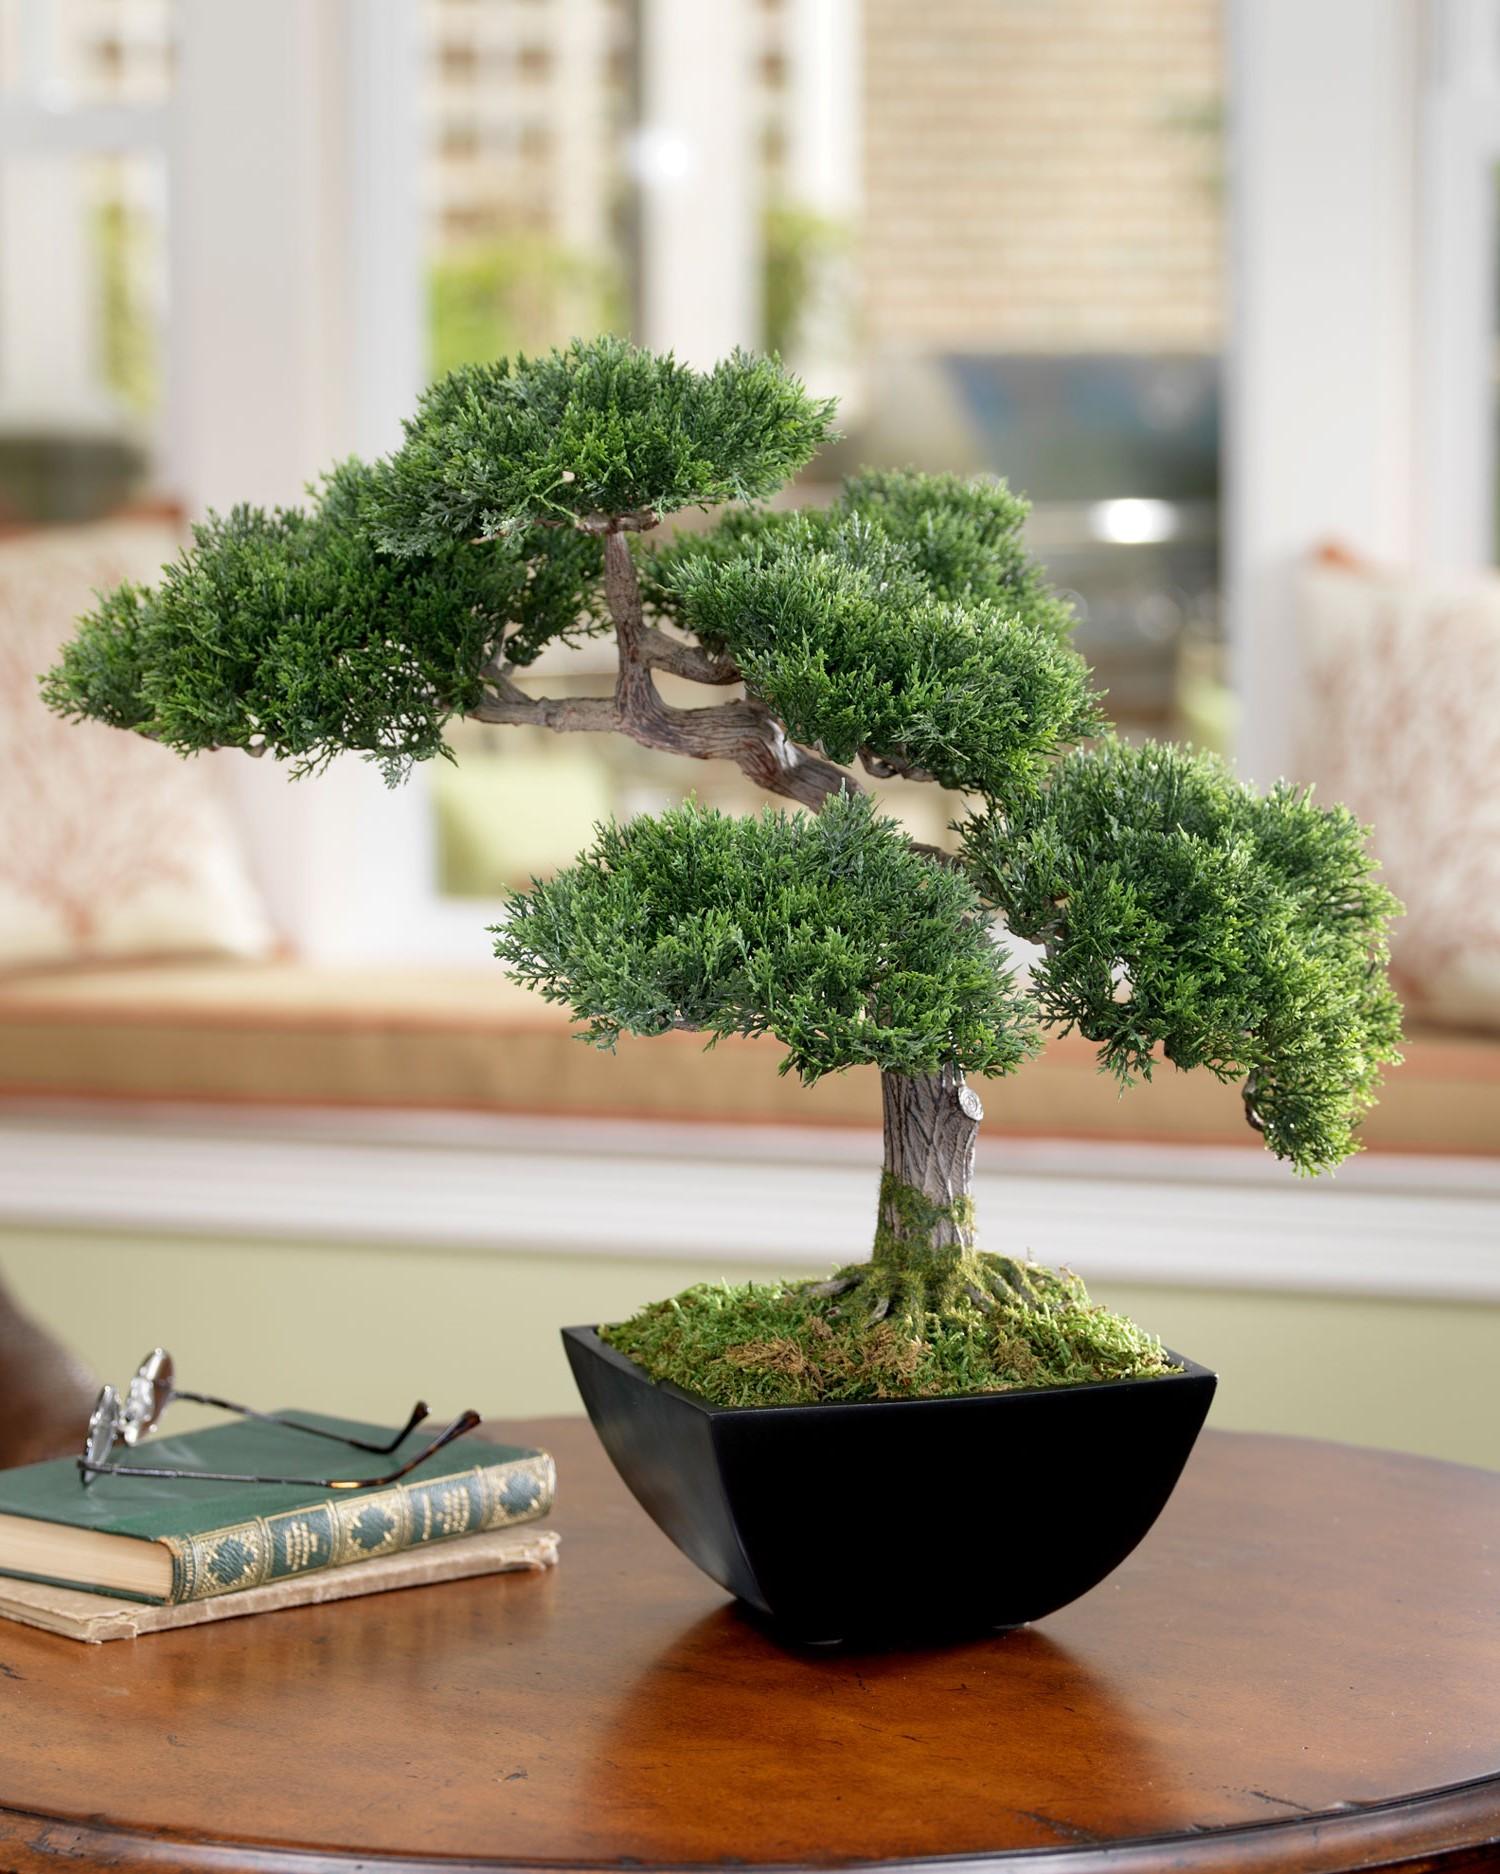 L'art du bonsaï est originaire du Japon et de la Chine où il est pratiqué depuis des siècles.